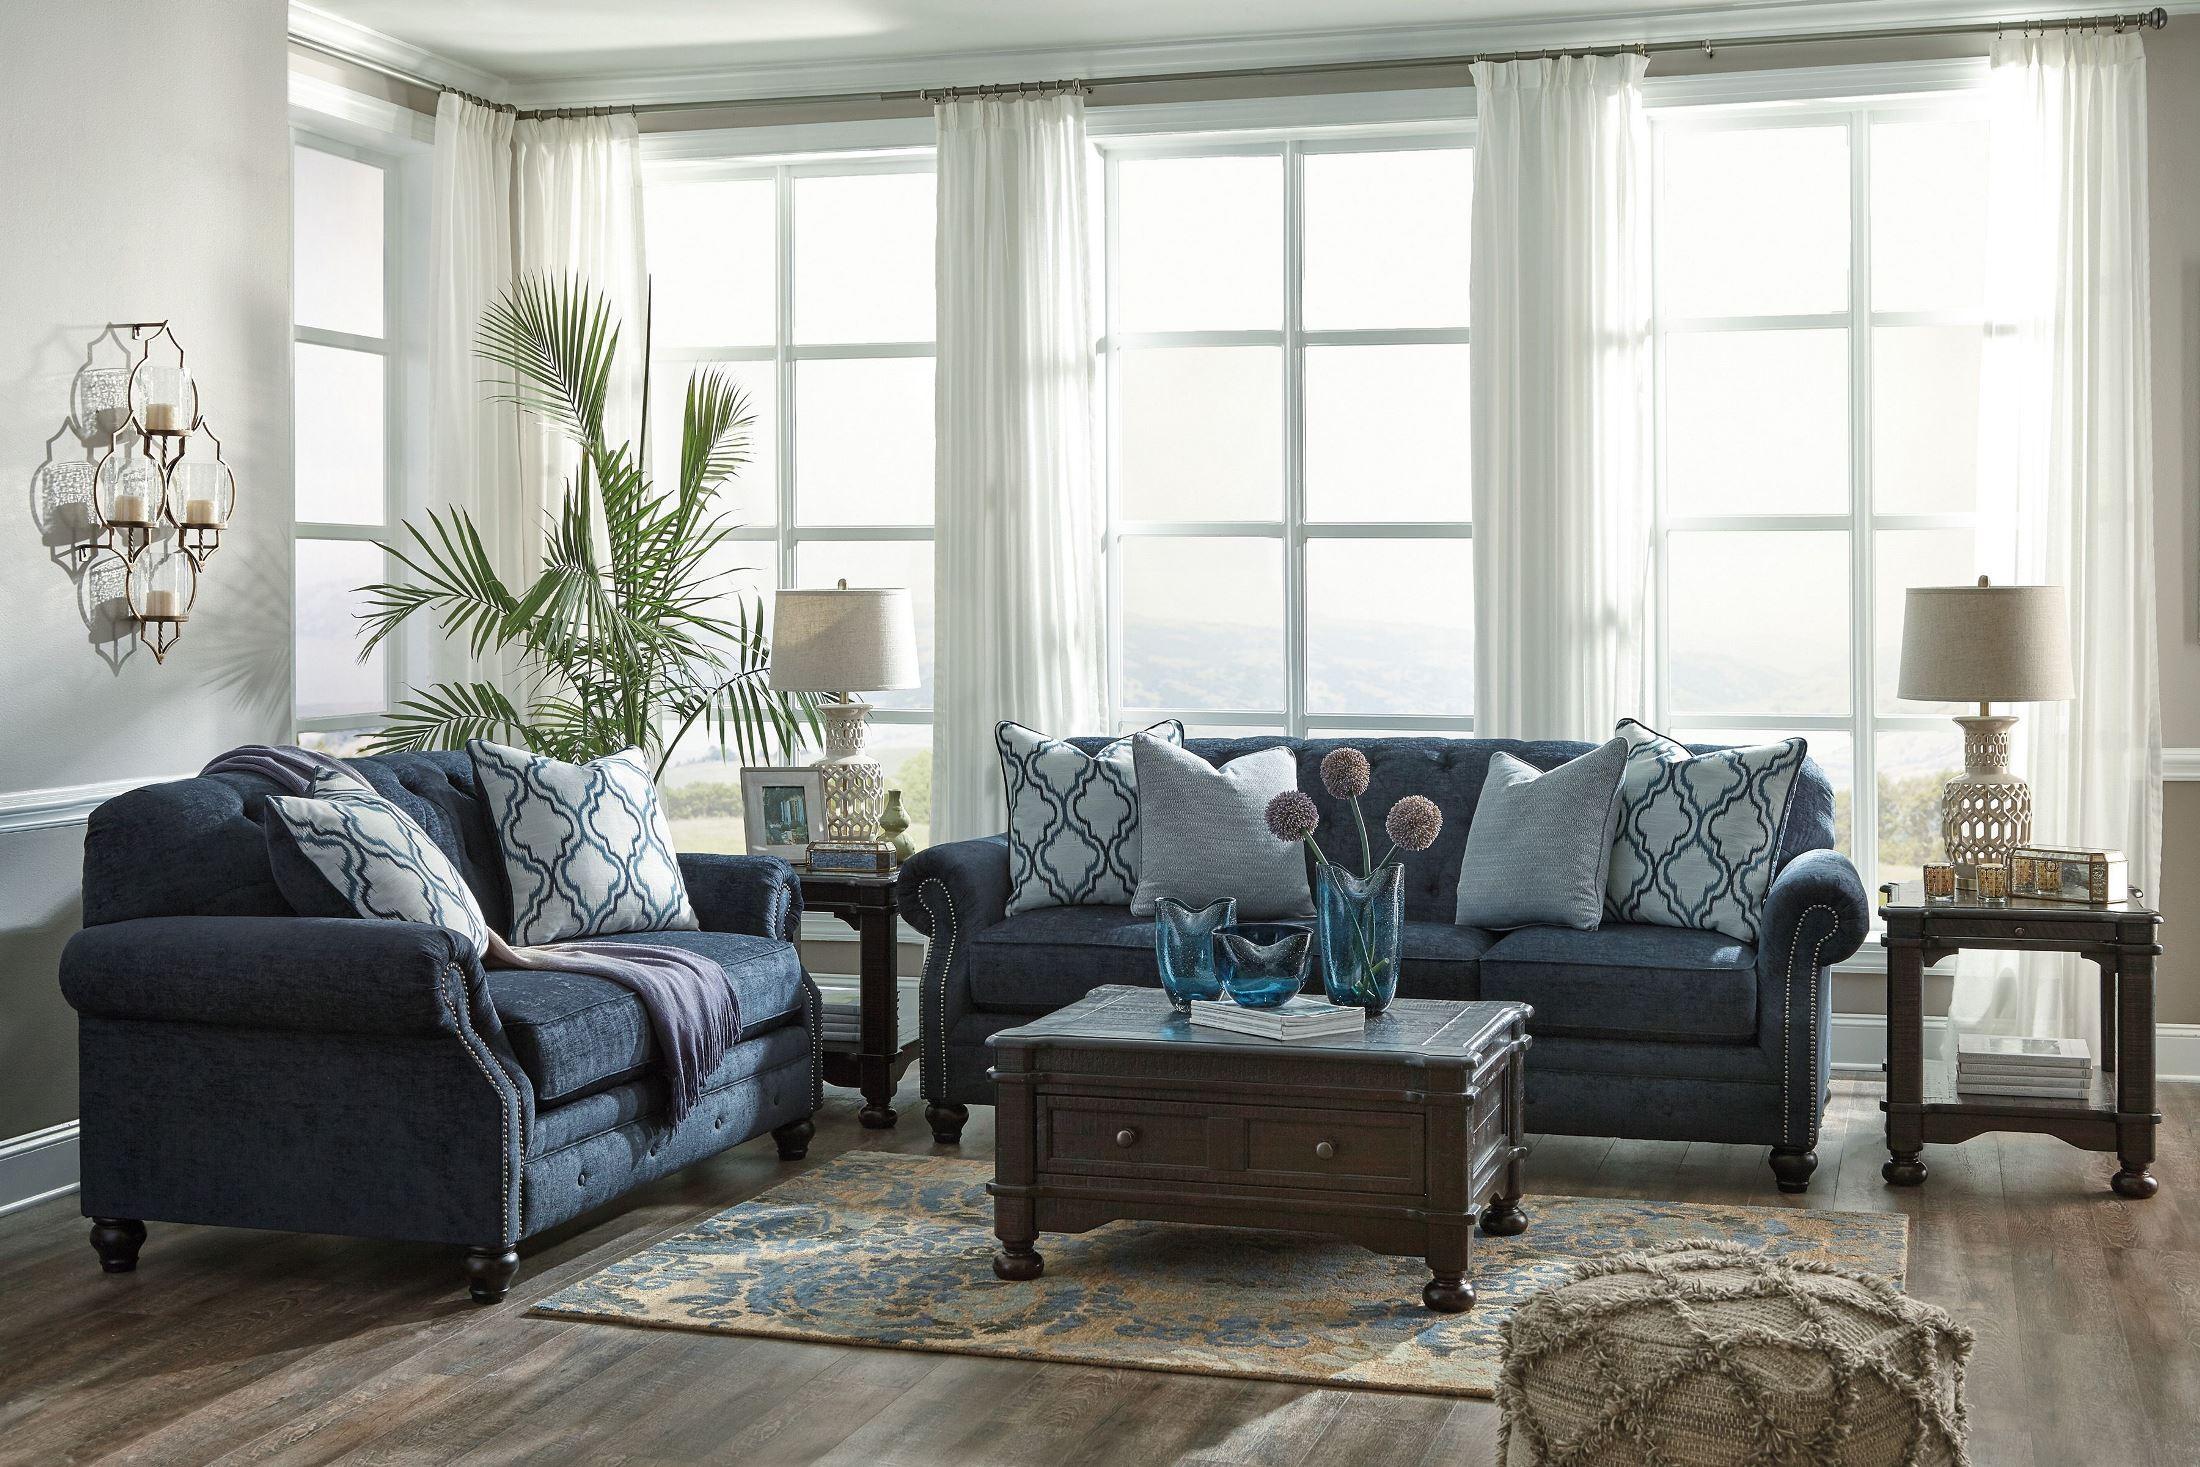 LaVernia Navy Sofa from Ashley